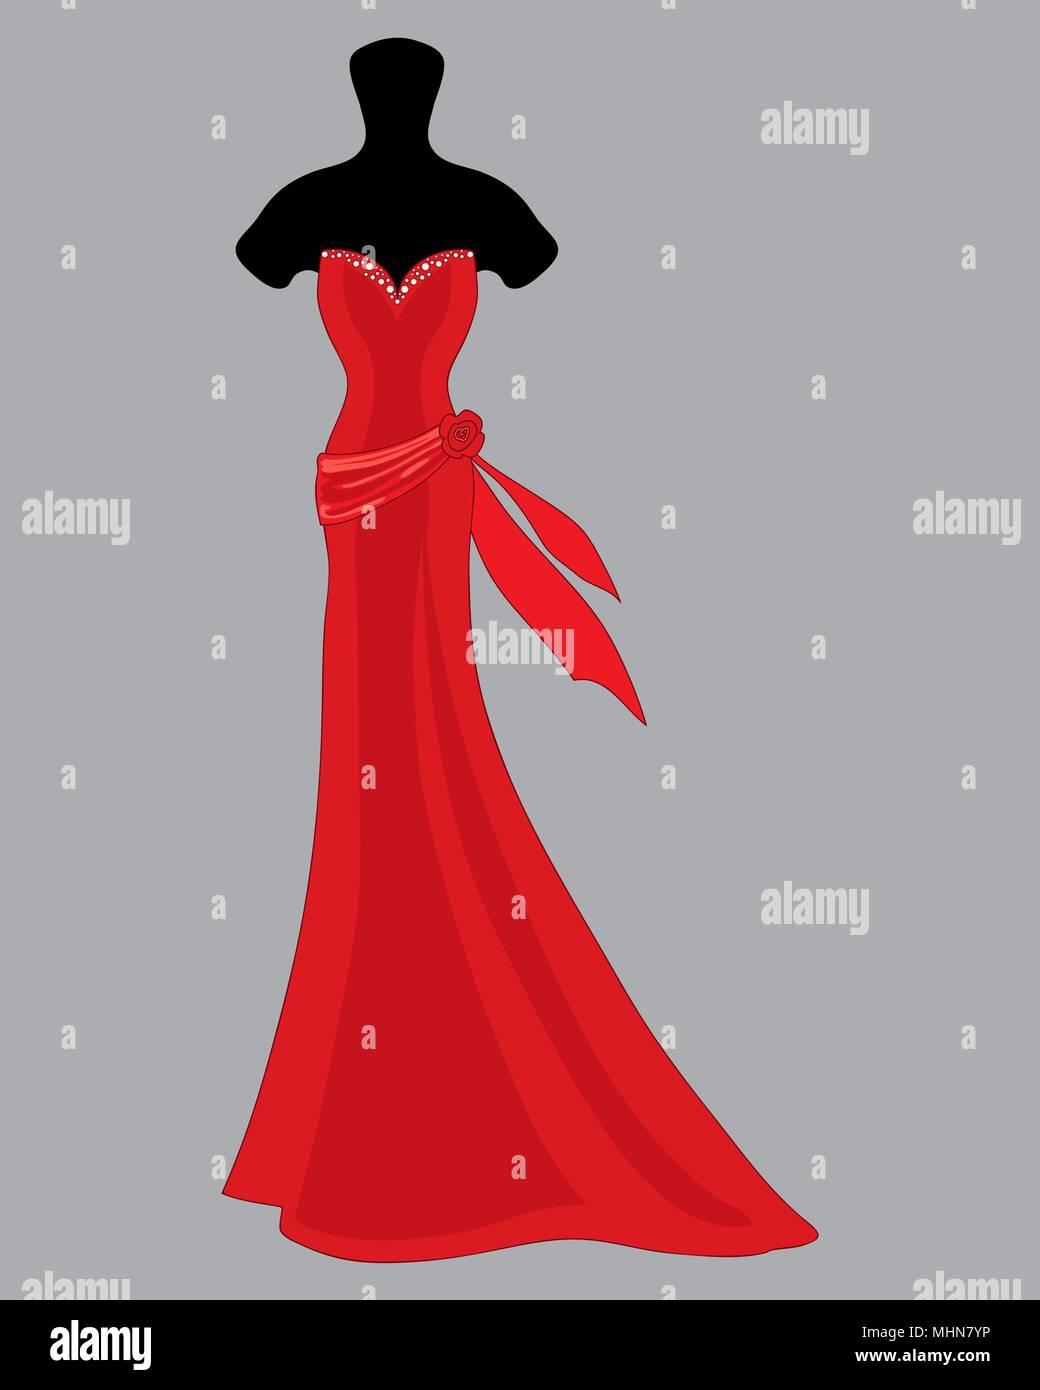 Una illustrazione vettoriale in formato eps formato 10 di un bellissimo il progettista Red abito da sposa con jeweled sweetheart scollatura e anta con decorazione di rose Immagini Stock